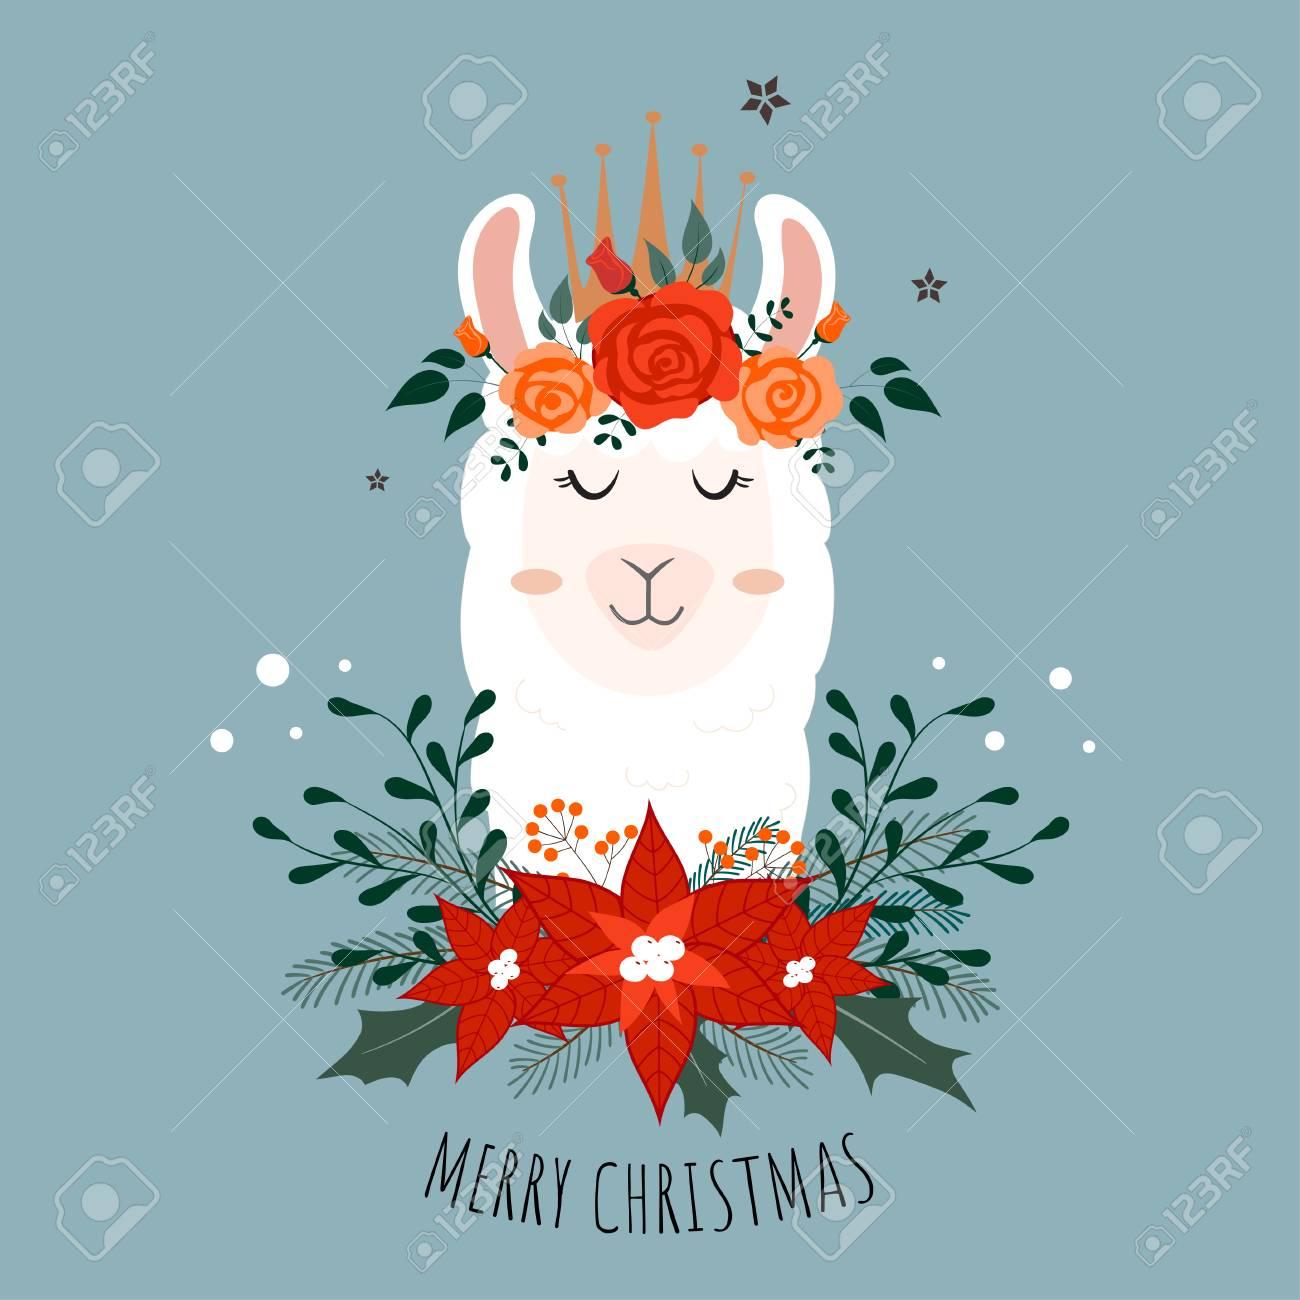 Llama Christmas.Cute Christmas Llama With Flower Crown